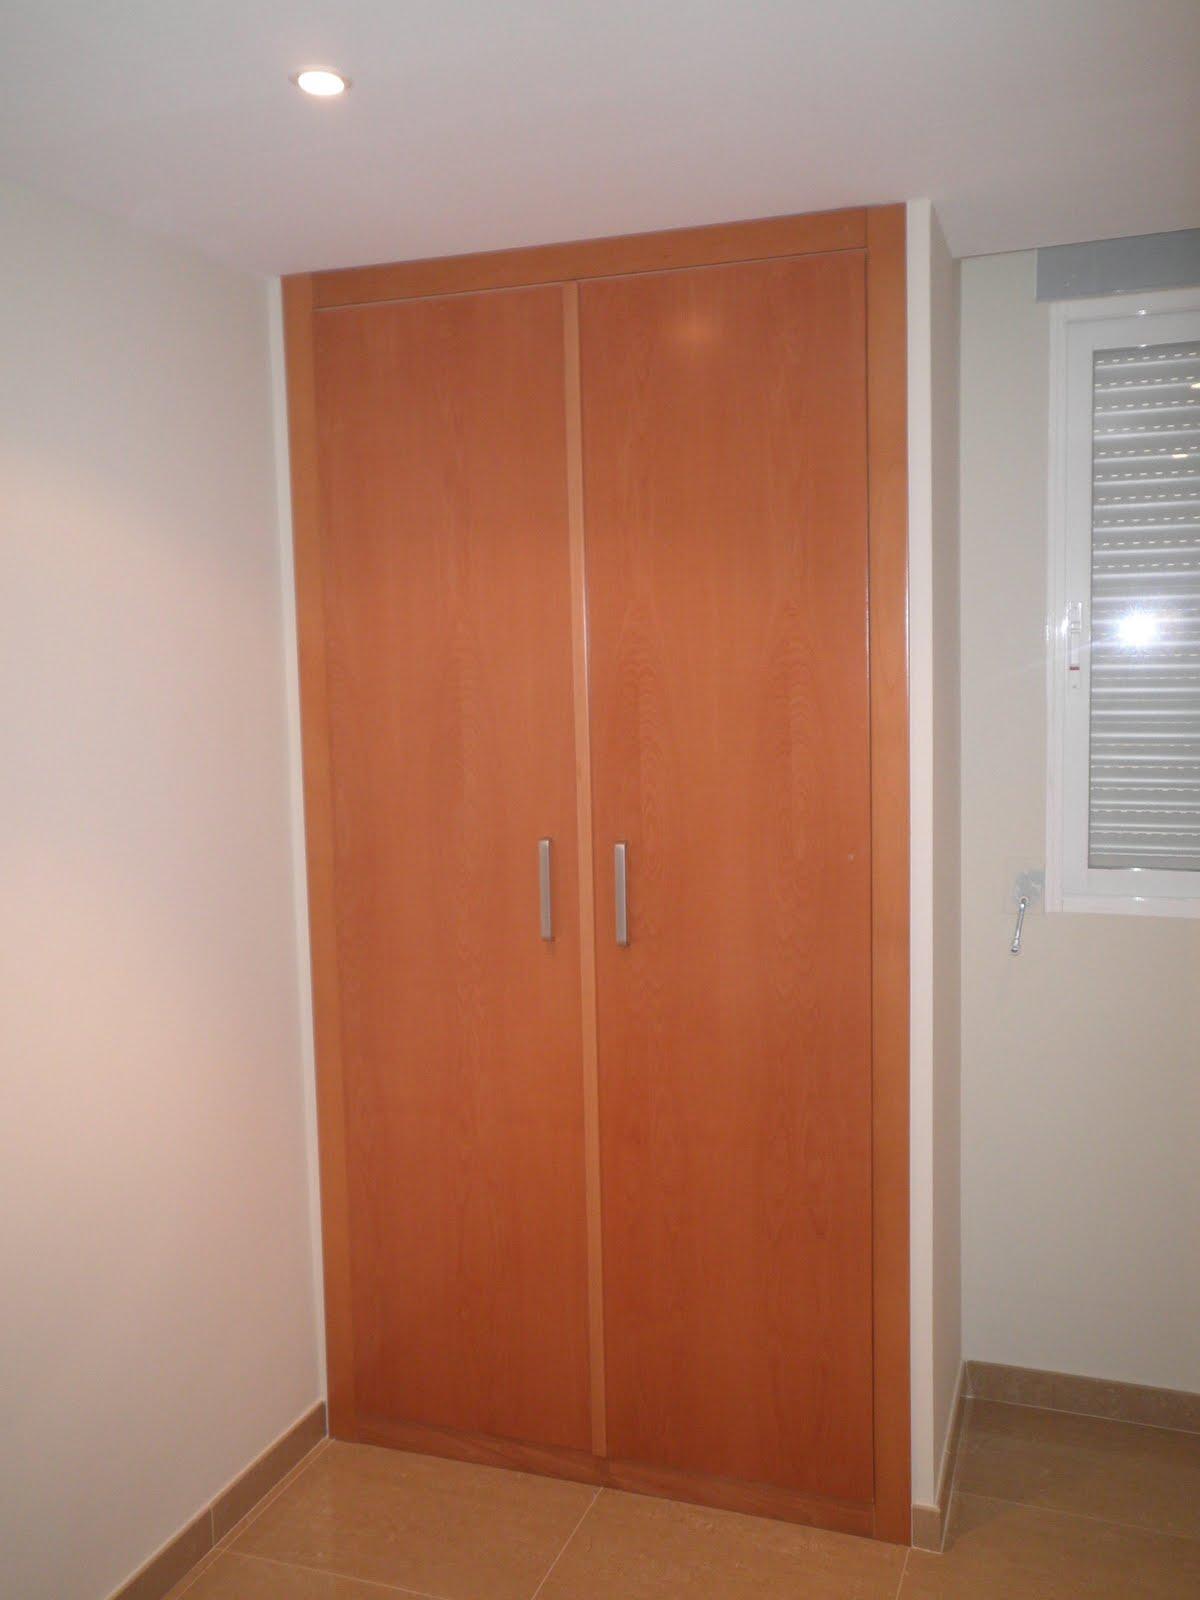 Decoraciones sahuquillo armarios de puertas lisas de haya - Decoracion de armarios ...